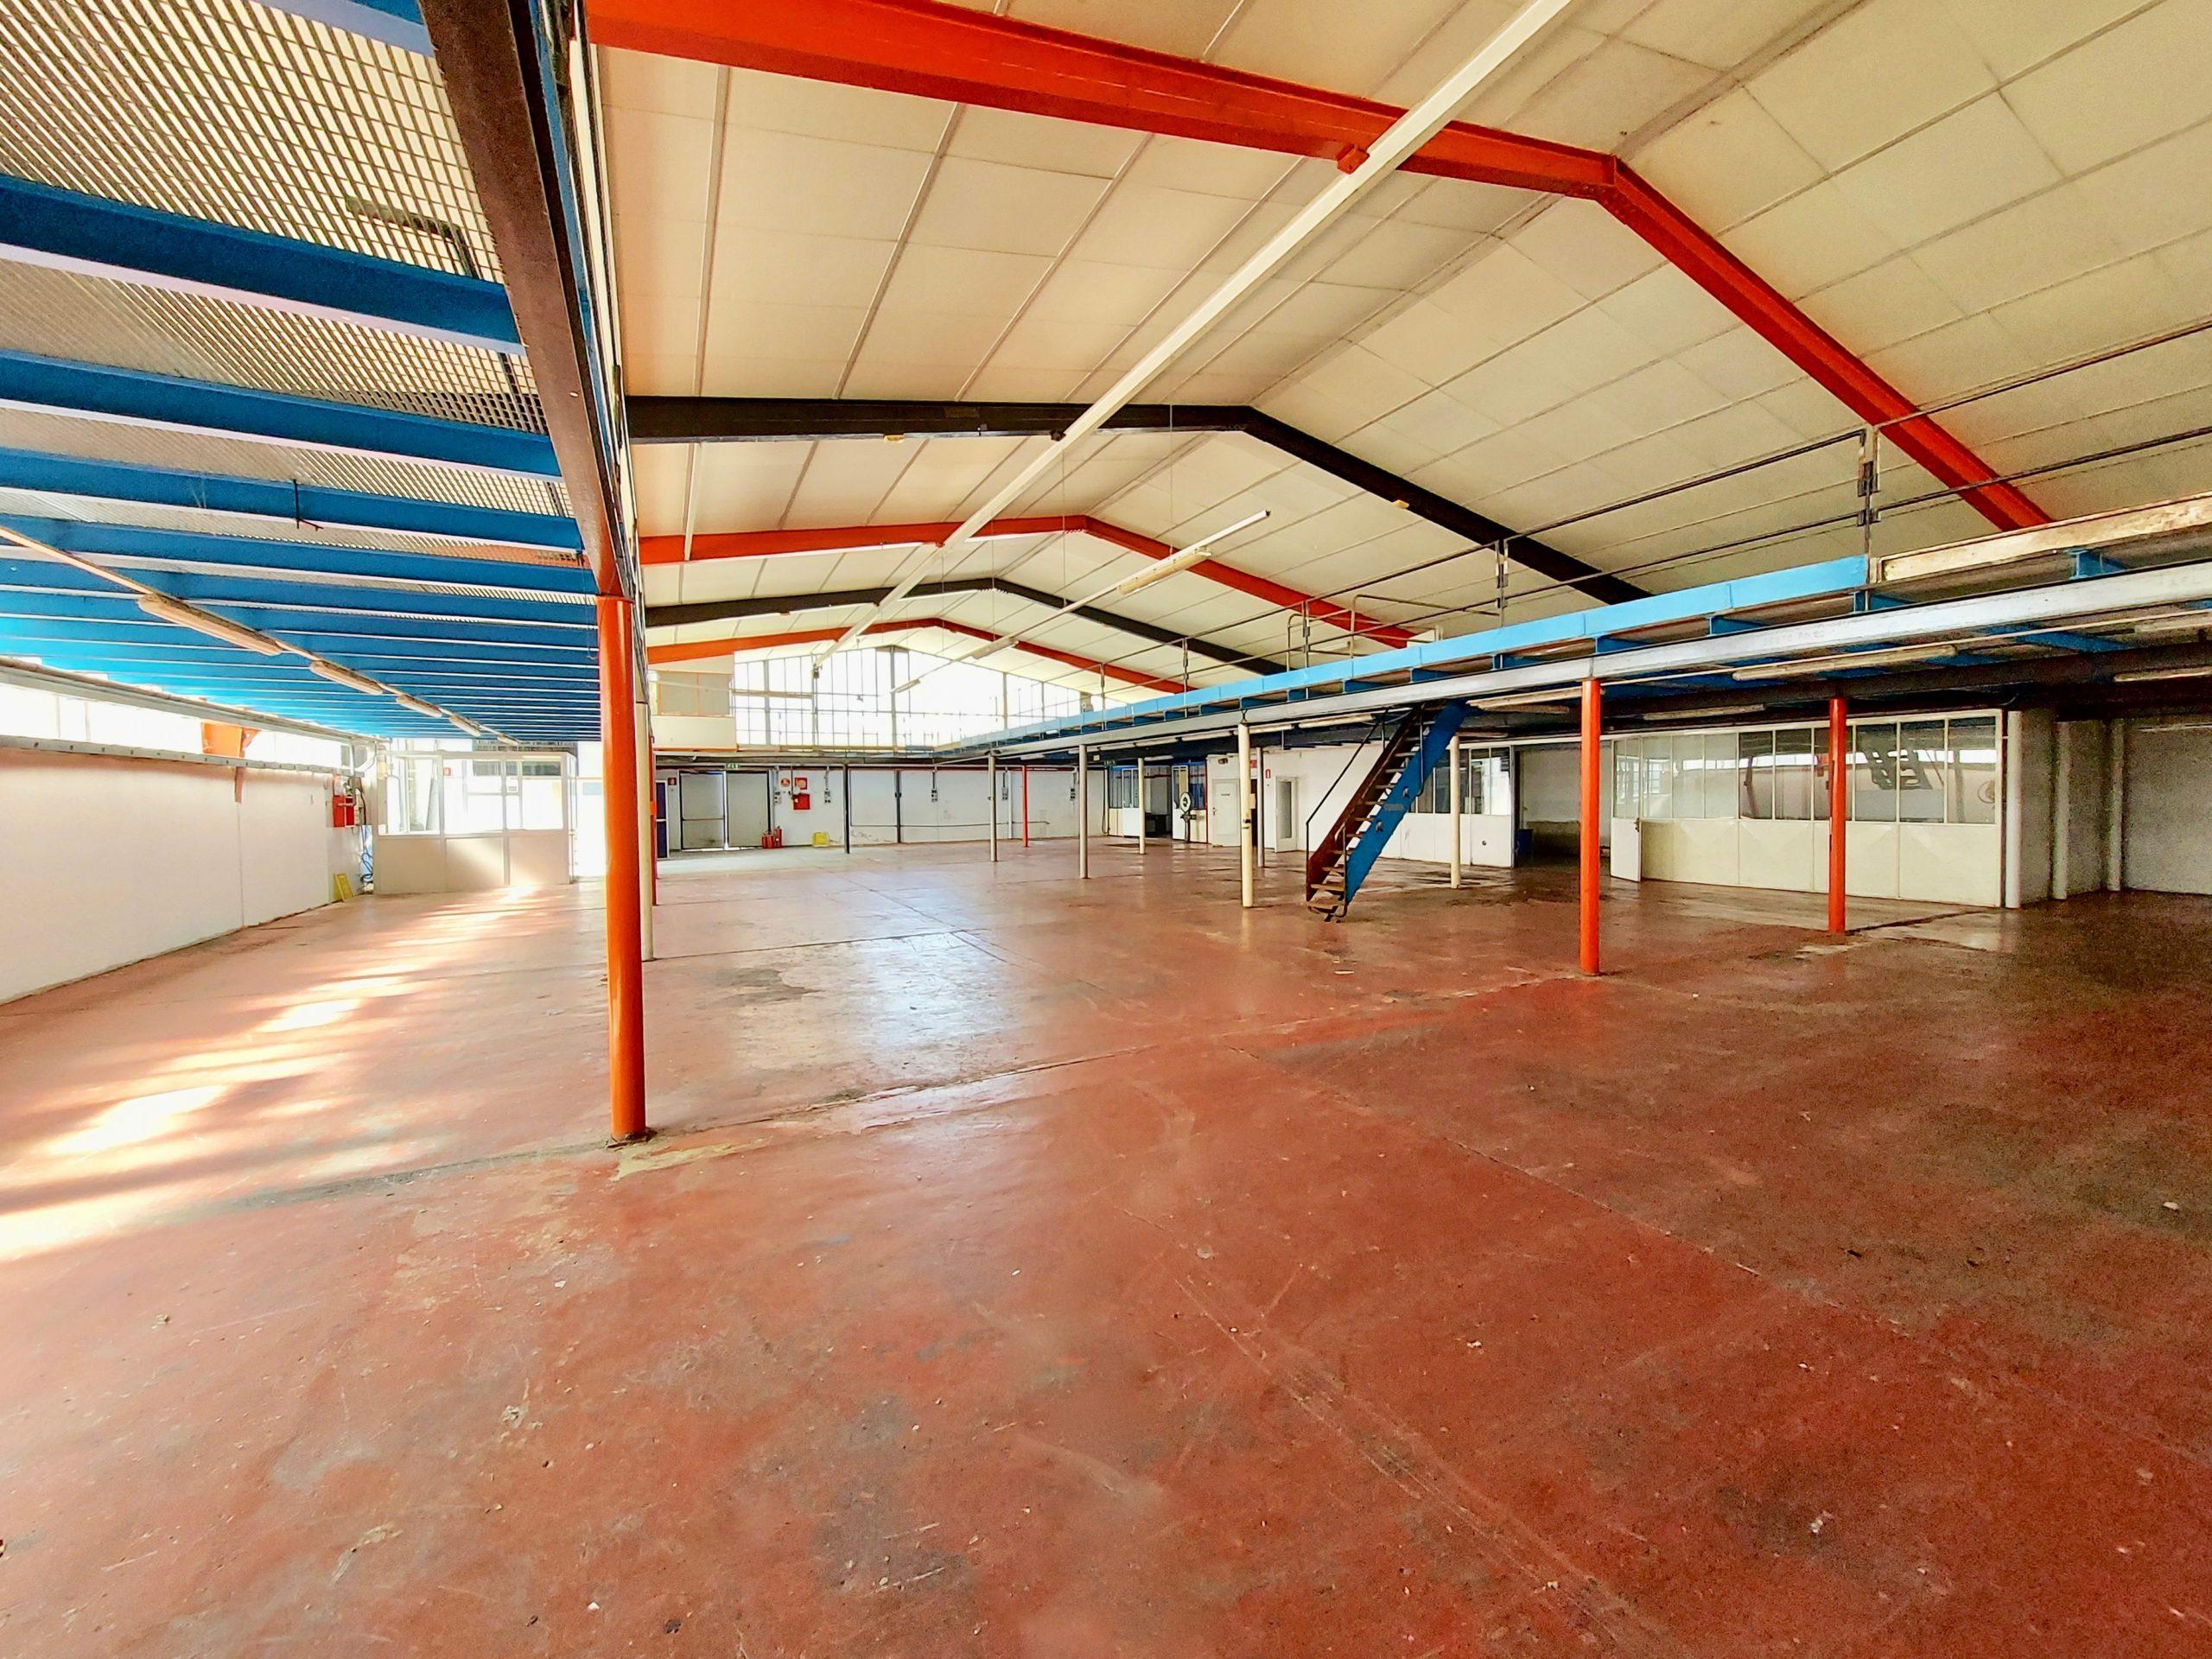 Capannone artigianale/industriale mq 1400 più area esterna di stoccaggio/parcheggio